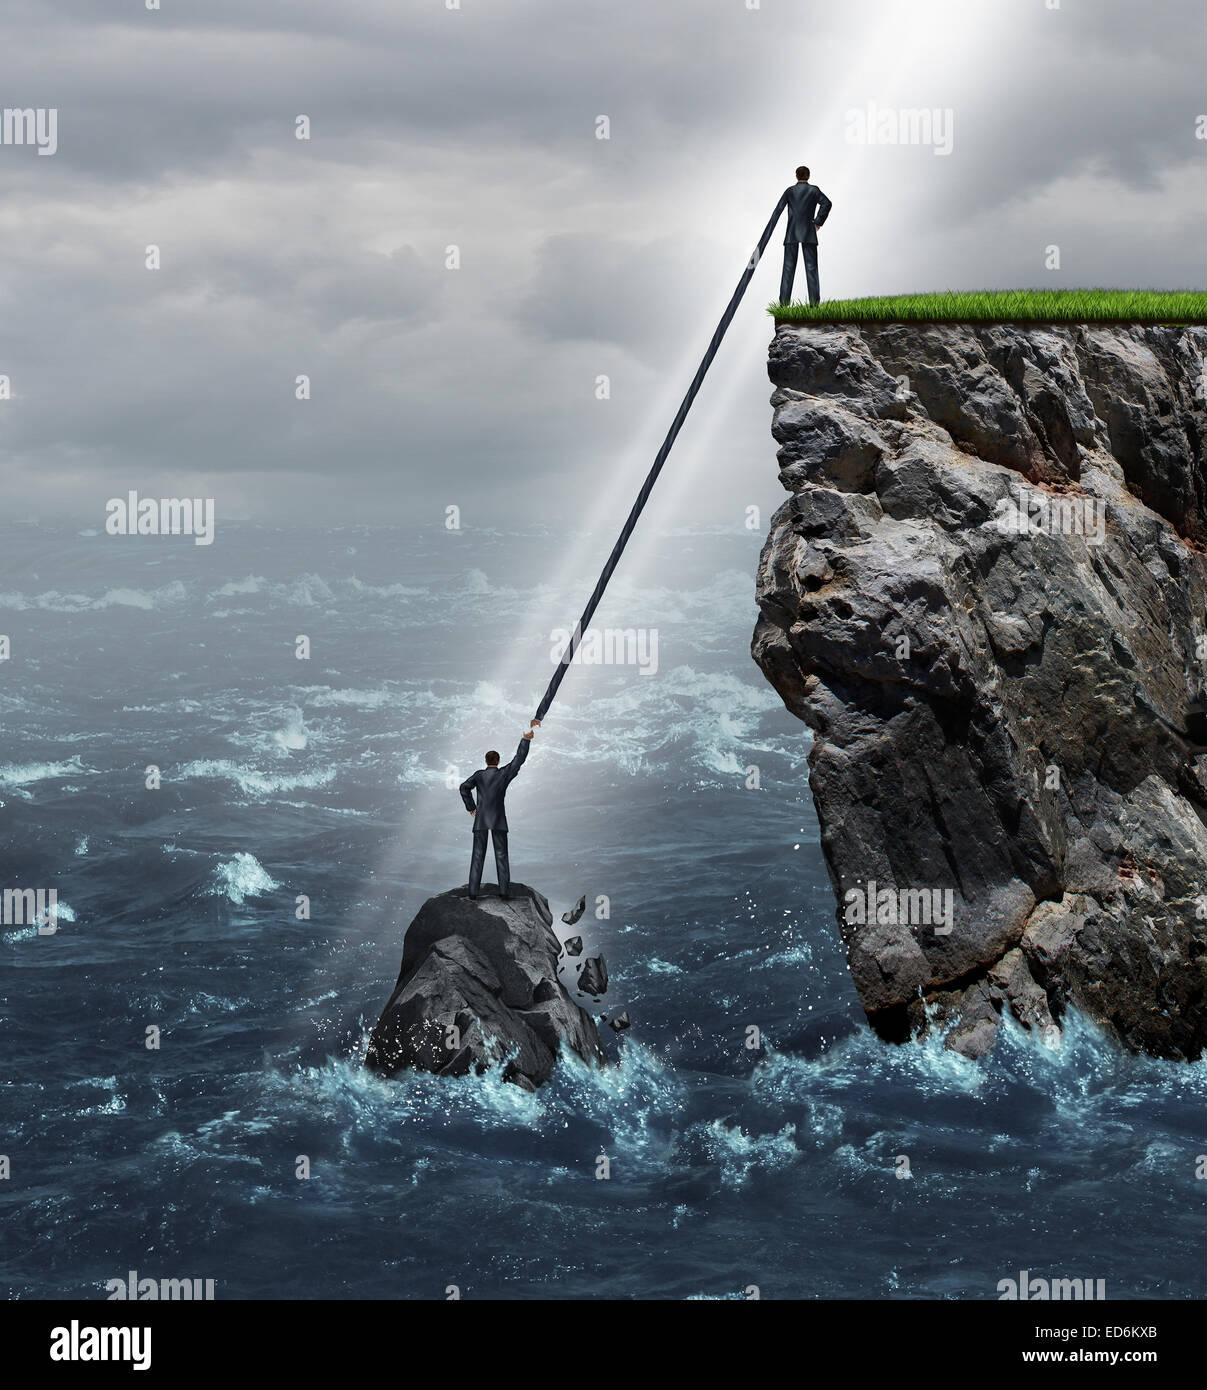 Embrasser occasion concept d'entreprise en tant que personne dans une crise échoués dans l'océan Photo Stock